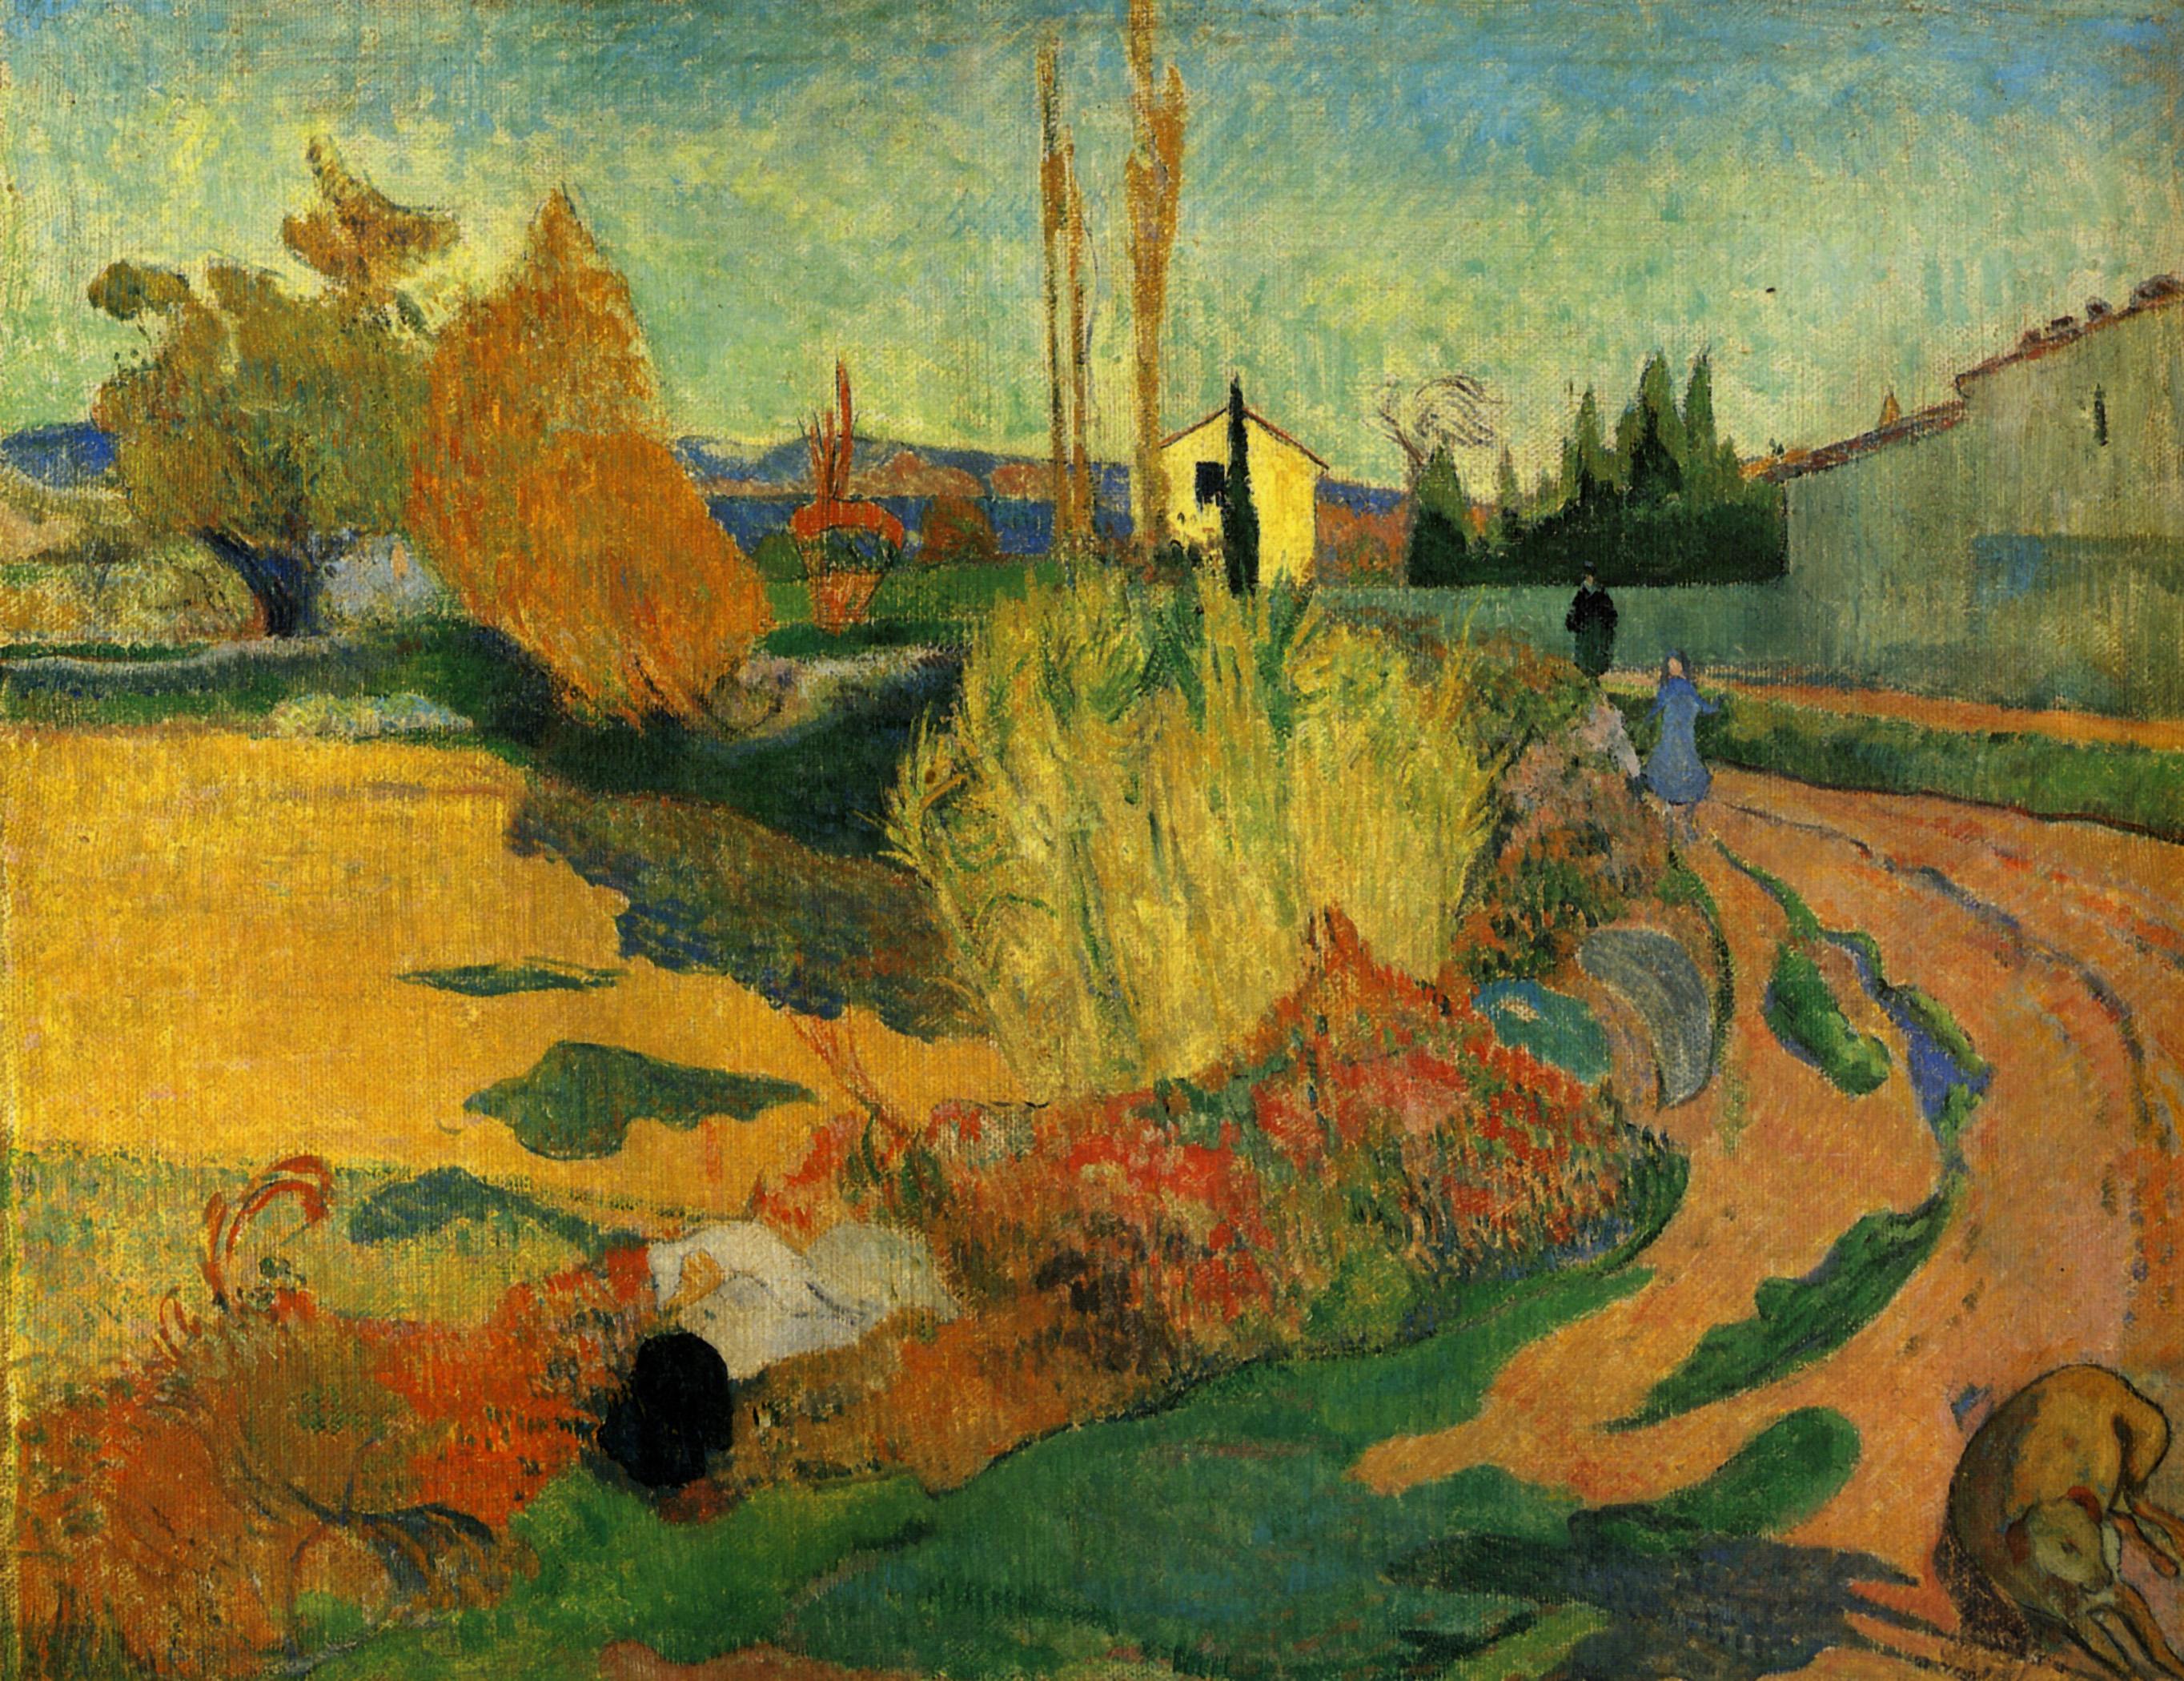 пейзаж < Вид Арля  >  :: Поль Гоген [ живопись постимпрессионизм ] - Paul Gauguin фото